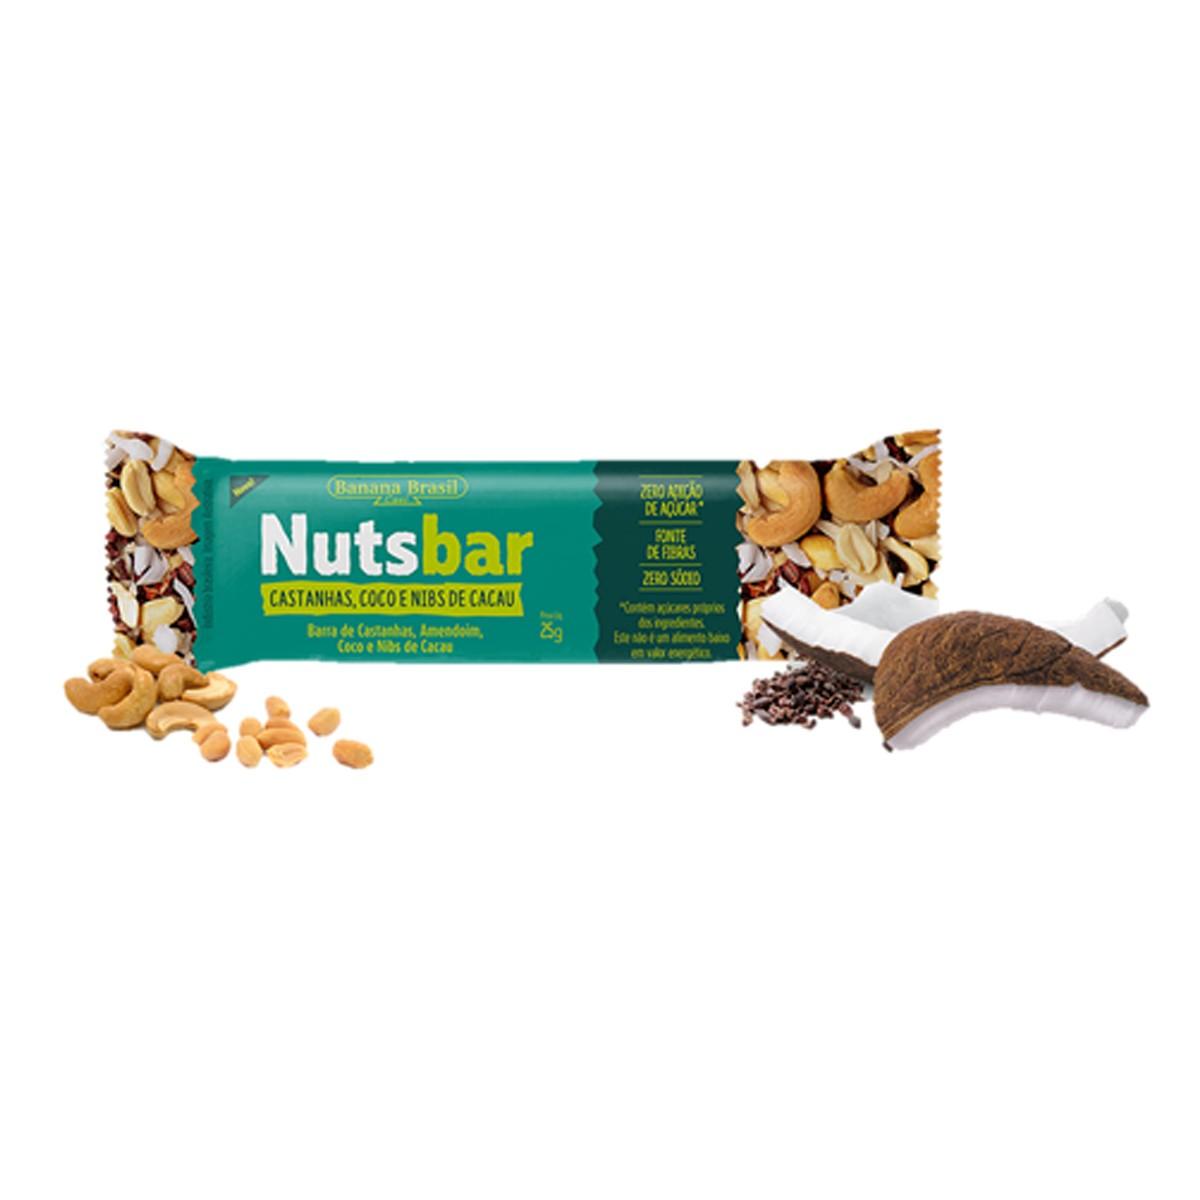 Nutsbar Castanha, Coco e Nibs de Cacau 25g - Banana Brasil